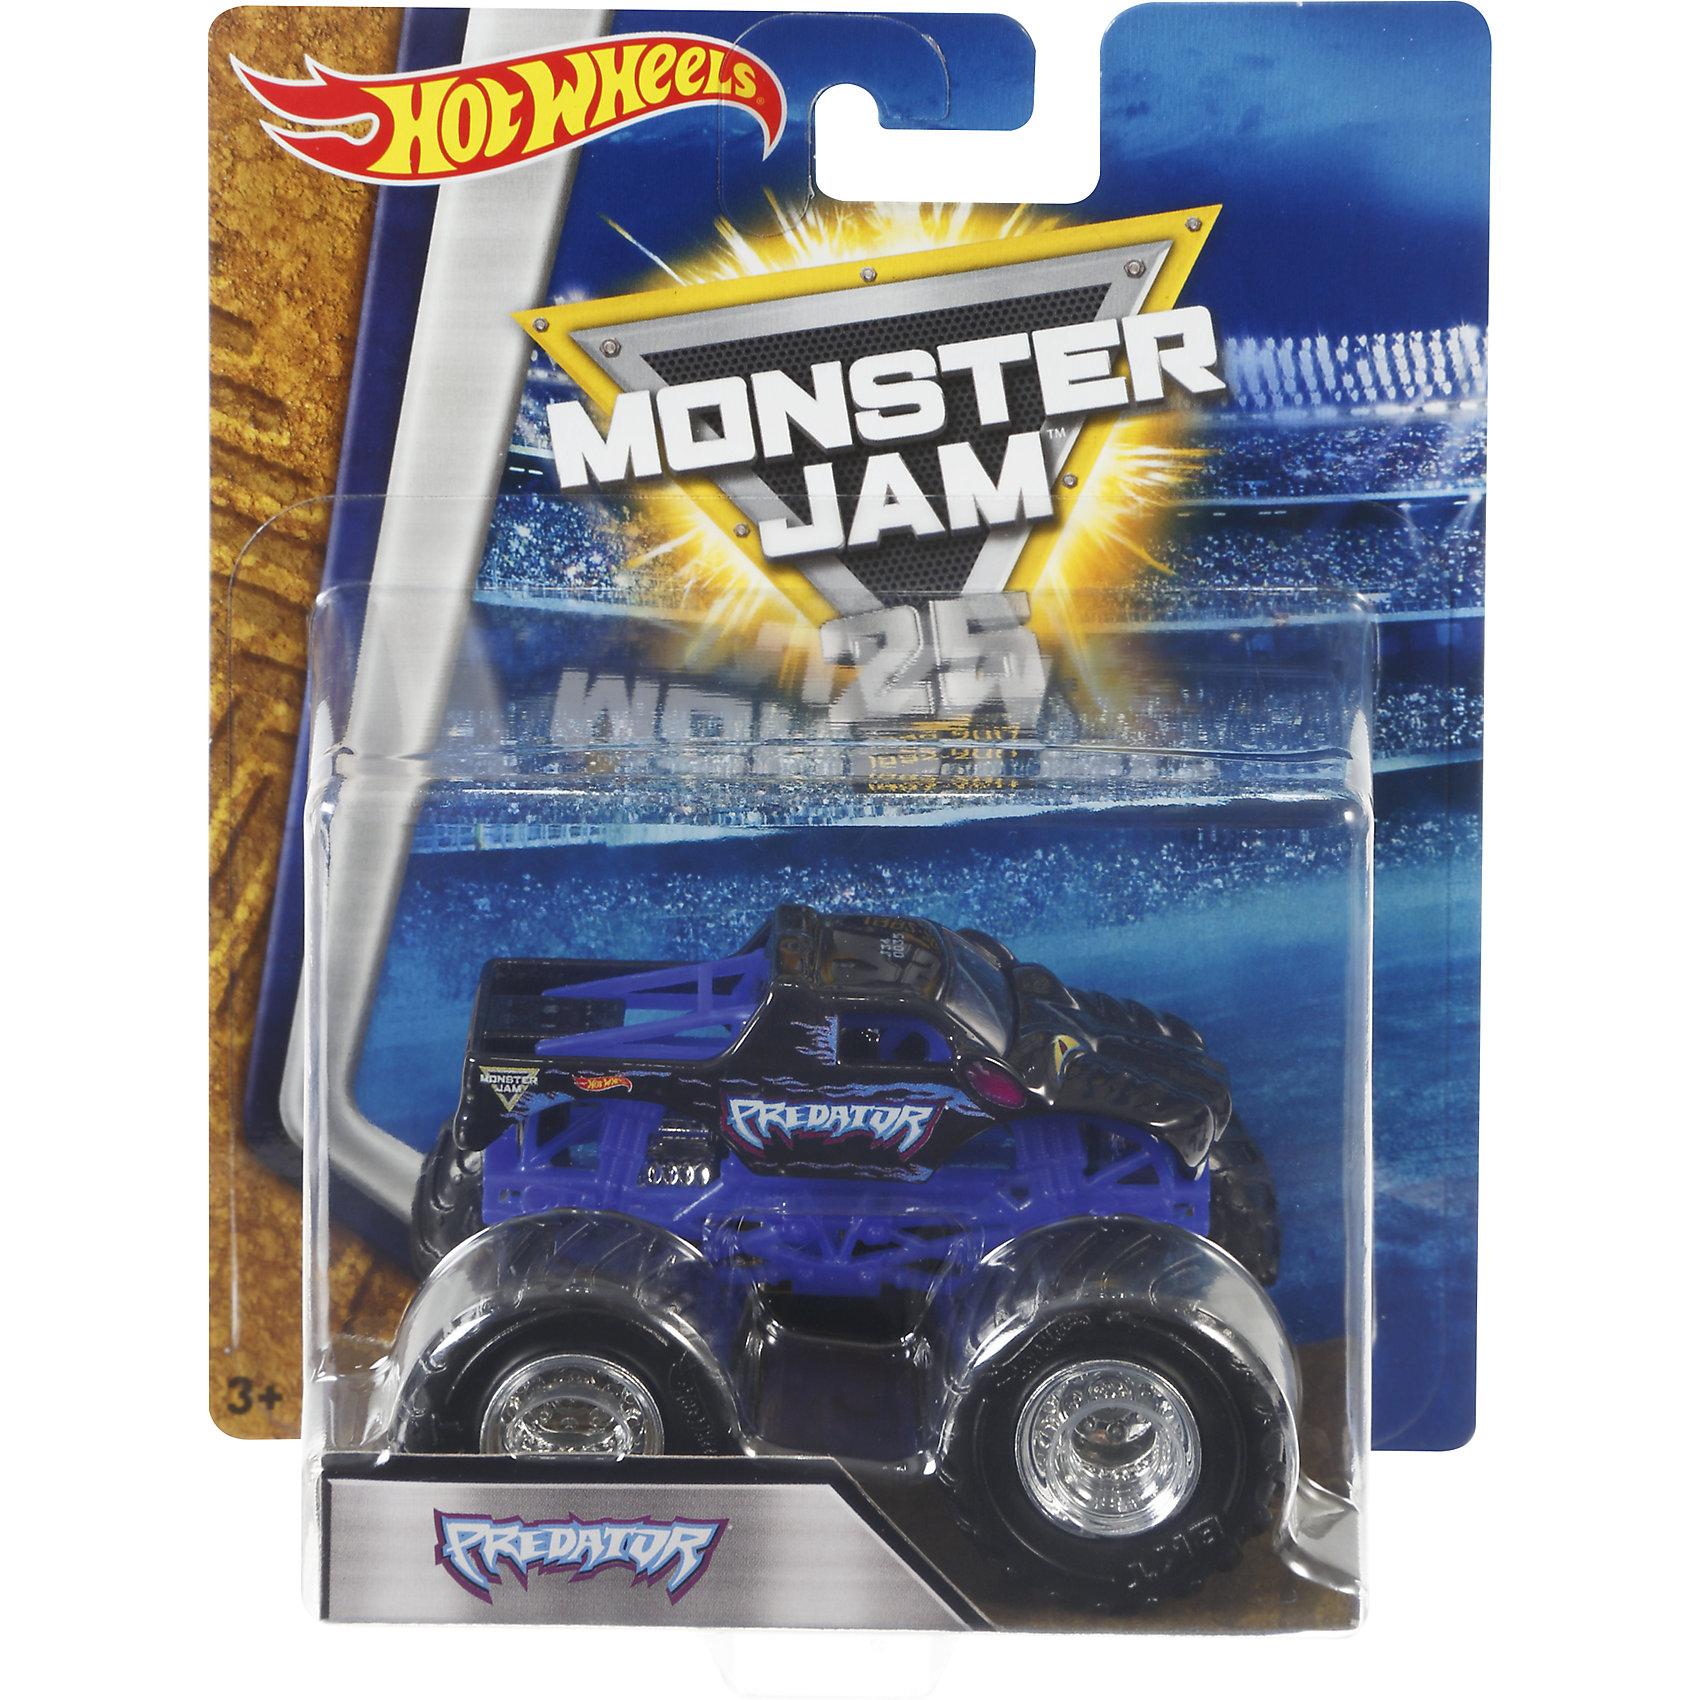 Машинка 1:64,  Monster Jam, Hot WheelsХарактеристики игрушечной машинки Хот Вилс:<br><br>• серия: Monster Jam;<br>• масштаб: 1:64;<br>• литой корпус;<br>• хромированные диски;<br>• проходимость колес; <br>• длина машинки: 8,5 см;<br>• размер упаковки: 17,5х14х7,5 см;<br>• вес в упаковке: 115 г.<br><br>Игрушечная модель машинки Hot Wheels на мощных колесах большого диаметра отличается высокой проходимостью, претендует на первенство в гонках, имеет литой корпус. Комбинированное использования пластика и металла делает машинку прочной и устойчивой к ударам и падениям. Тюнинг трюкового внедорожника Monster Jam соответствует пожеланиям юных коллекционеров линейки автомобилей Hot Wheels. <br><br>Машинку 1:64, Monster Jam, Hot Wheels можно купить в нашем интернет-магазине.<br><br>Ширина мм: 65<br>Глубина мм: 140<br>Высота мм: 175<br>Вес г: 130<br>Возраст от месяцев: 36<br>Возраст до месяцев: 84<br>Пол: Мужской<br>Возраст: Детский<br>SKU: 5285002